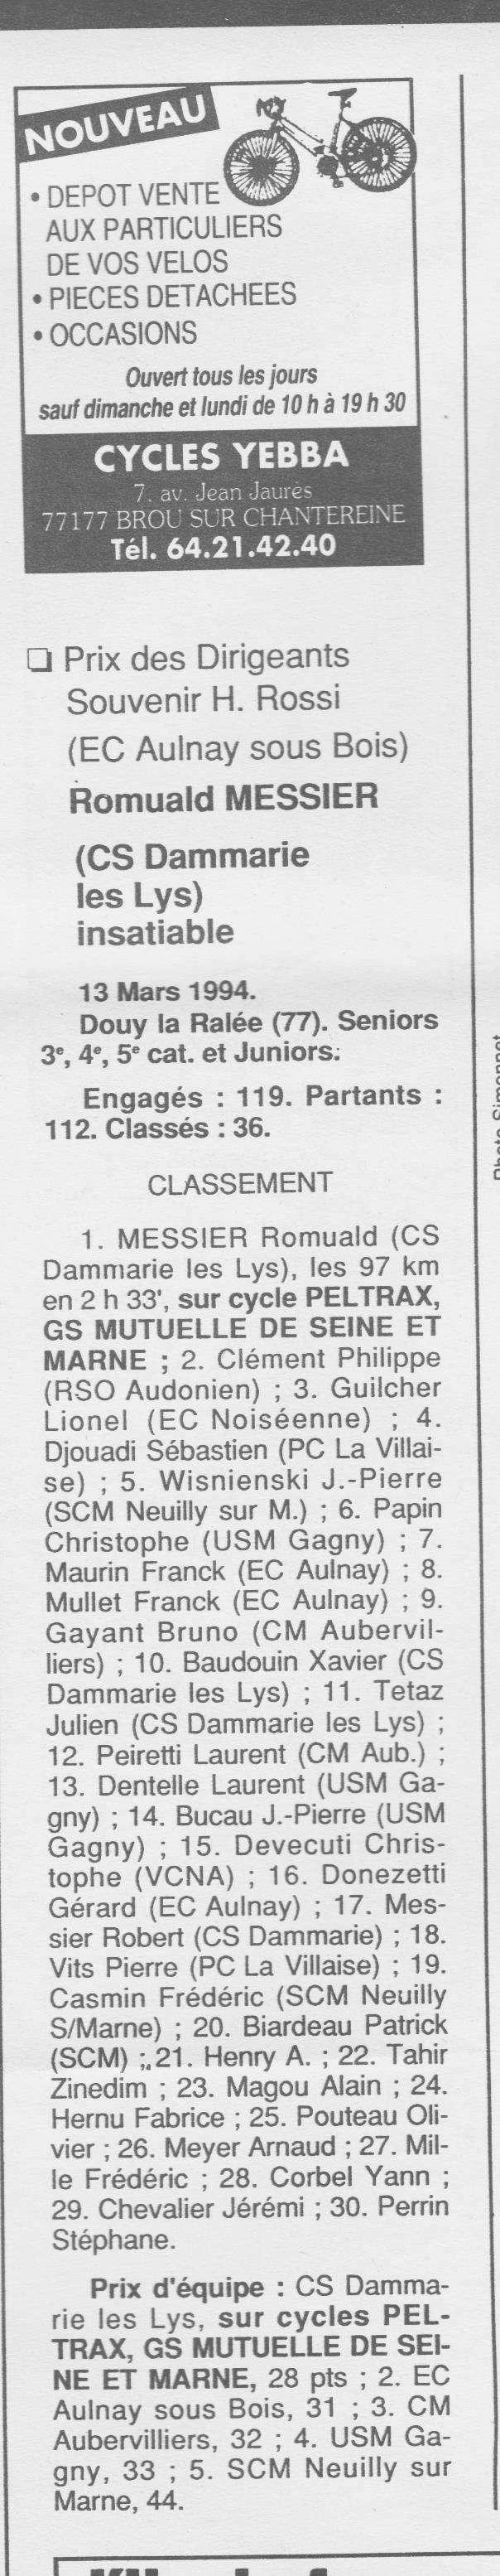 Coureurs et Clubs de Octobre 1993 à Septembre 1996 - Page 4 00933